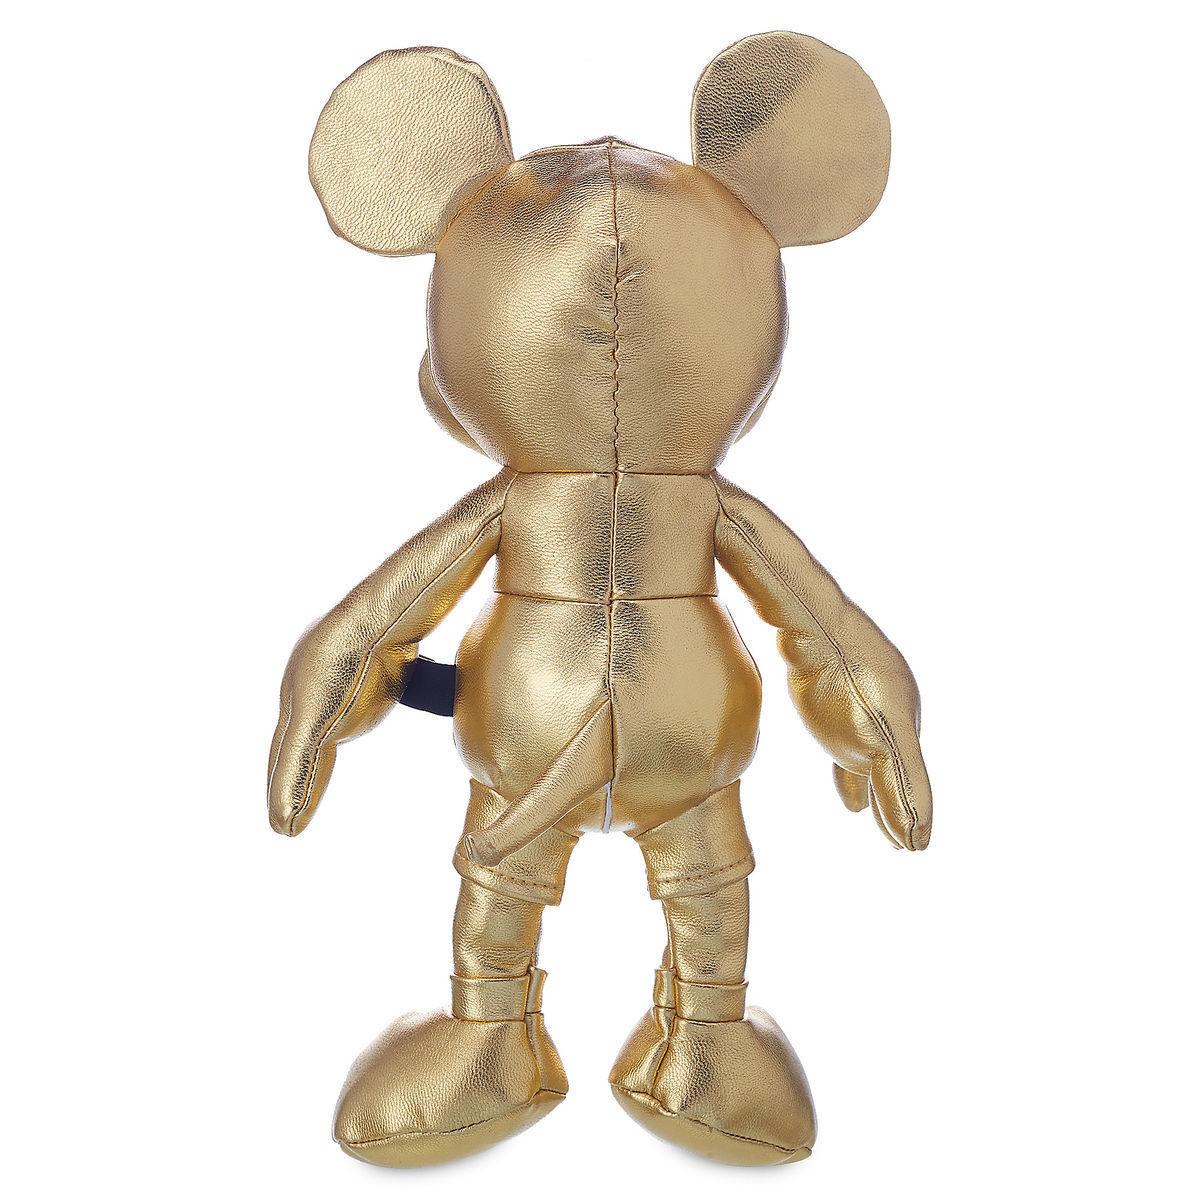 Коллекционная мягкая игрушка Микки Маус - Золотая серия - 27 см